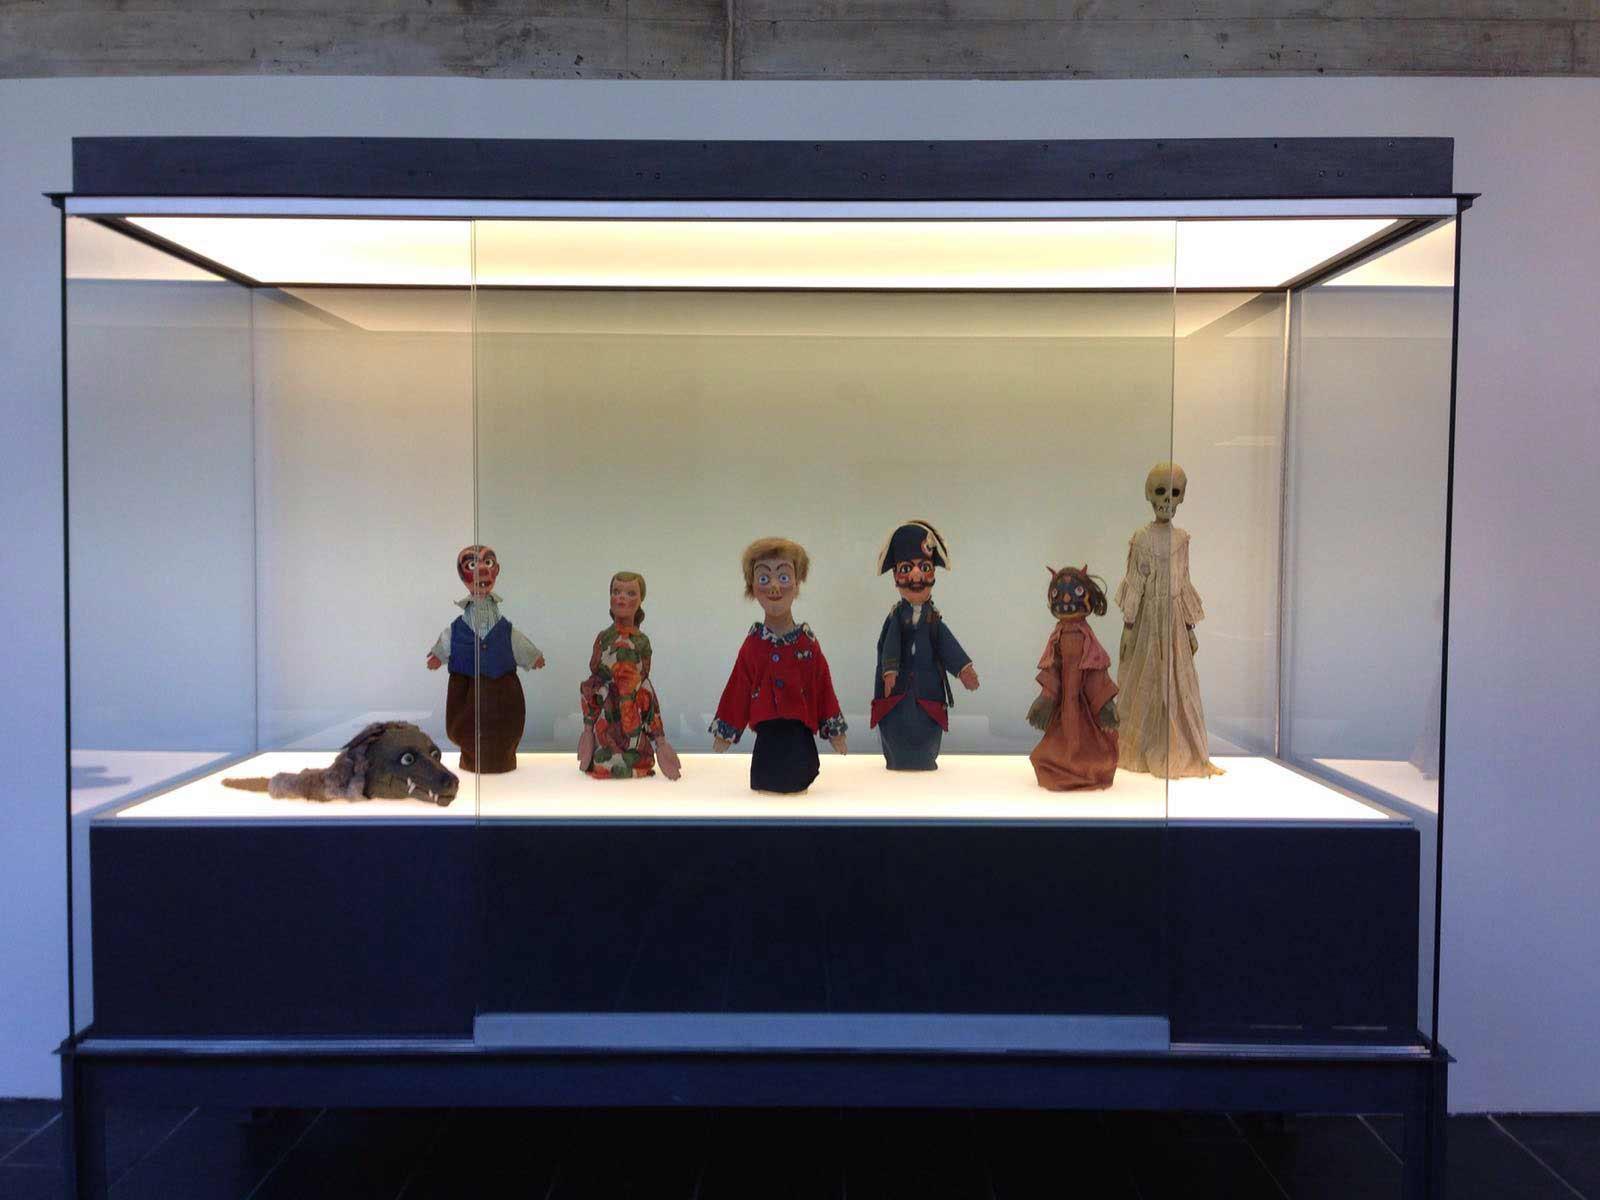 Exposició Titelles. Teatre d'incones. Museu de Granollers. Del 21 d'abril al 3 de juliol de 2016